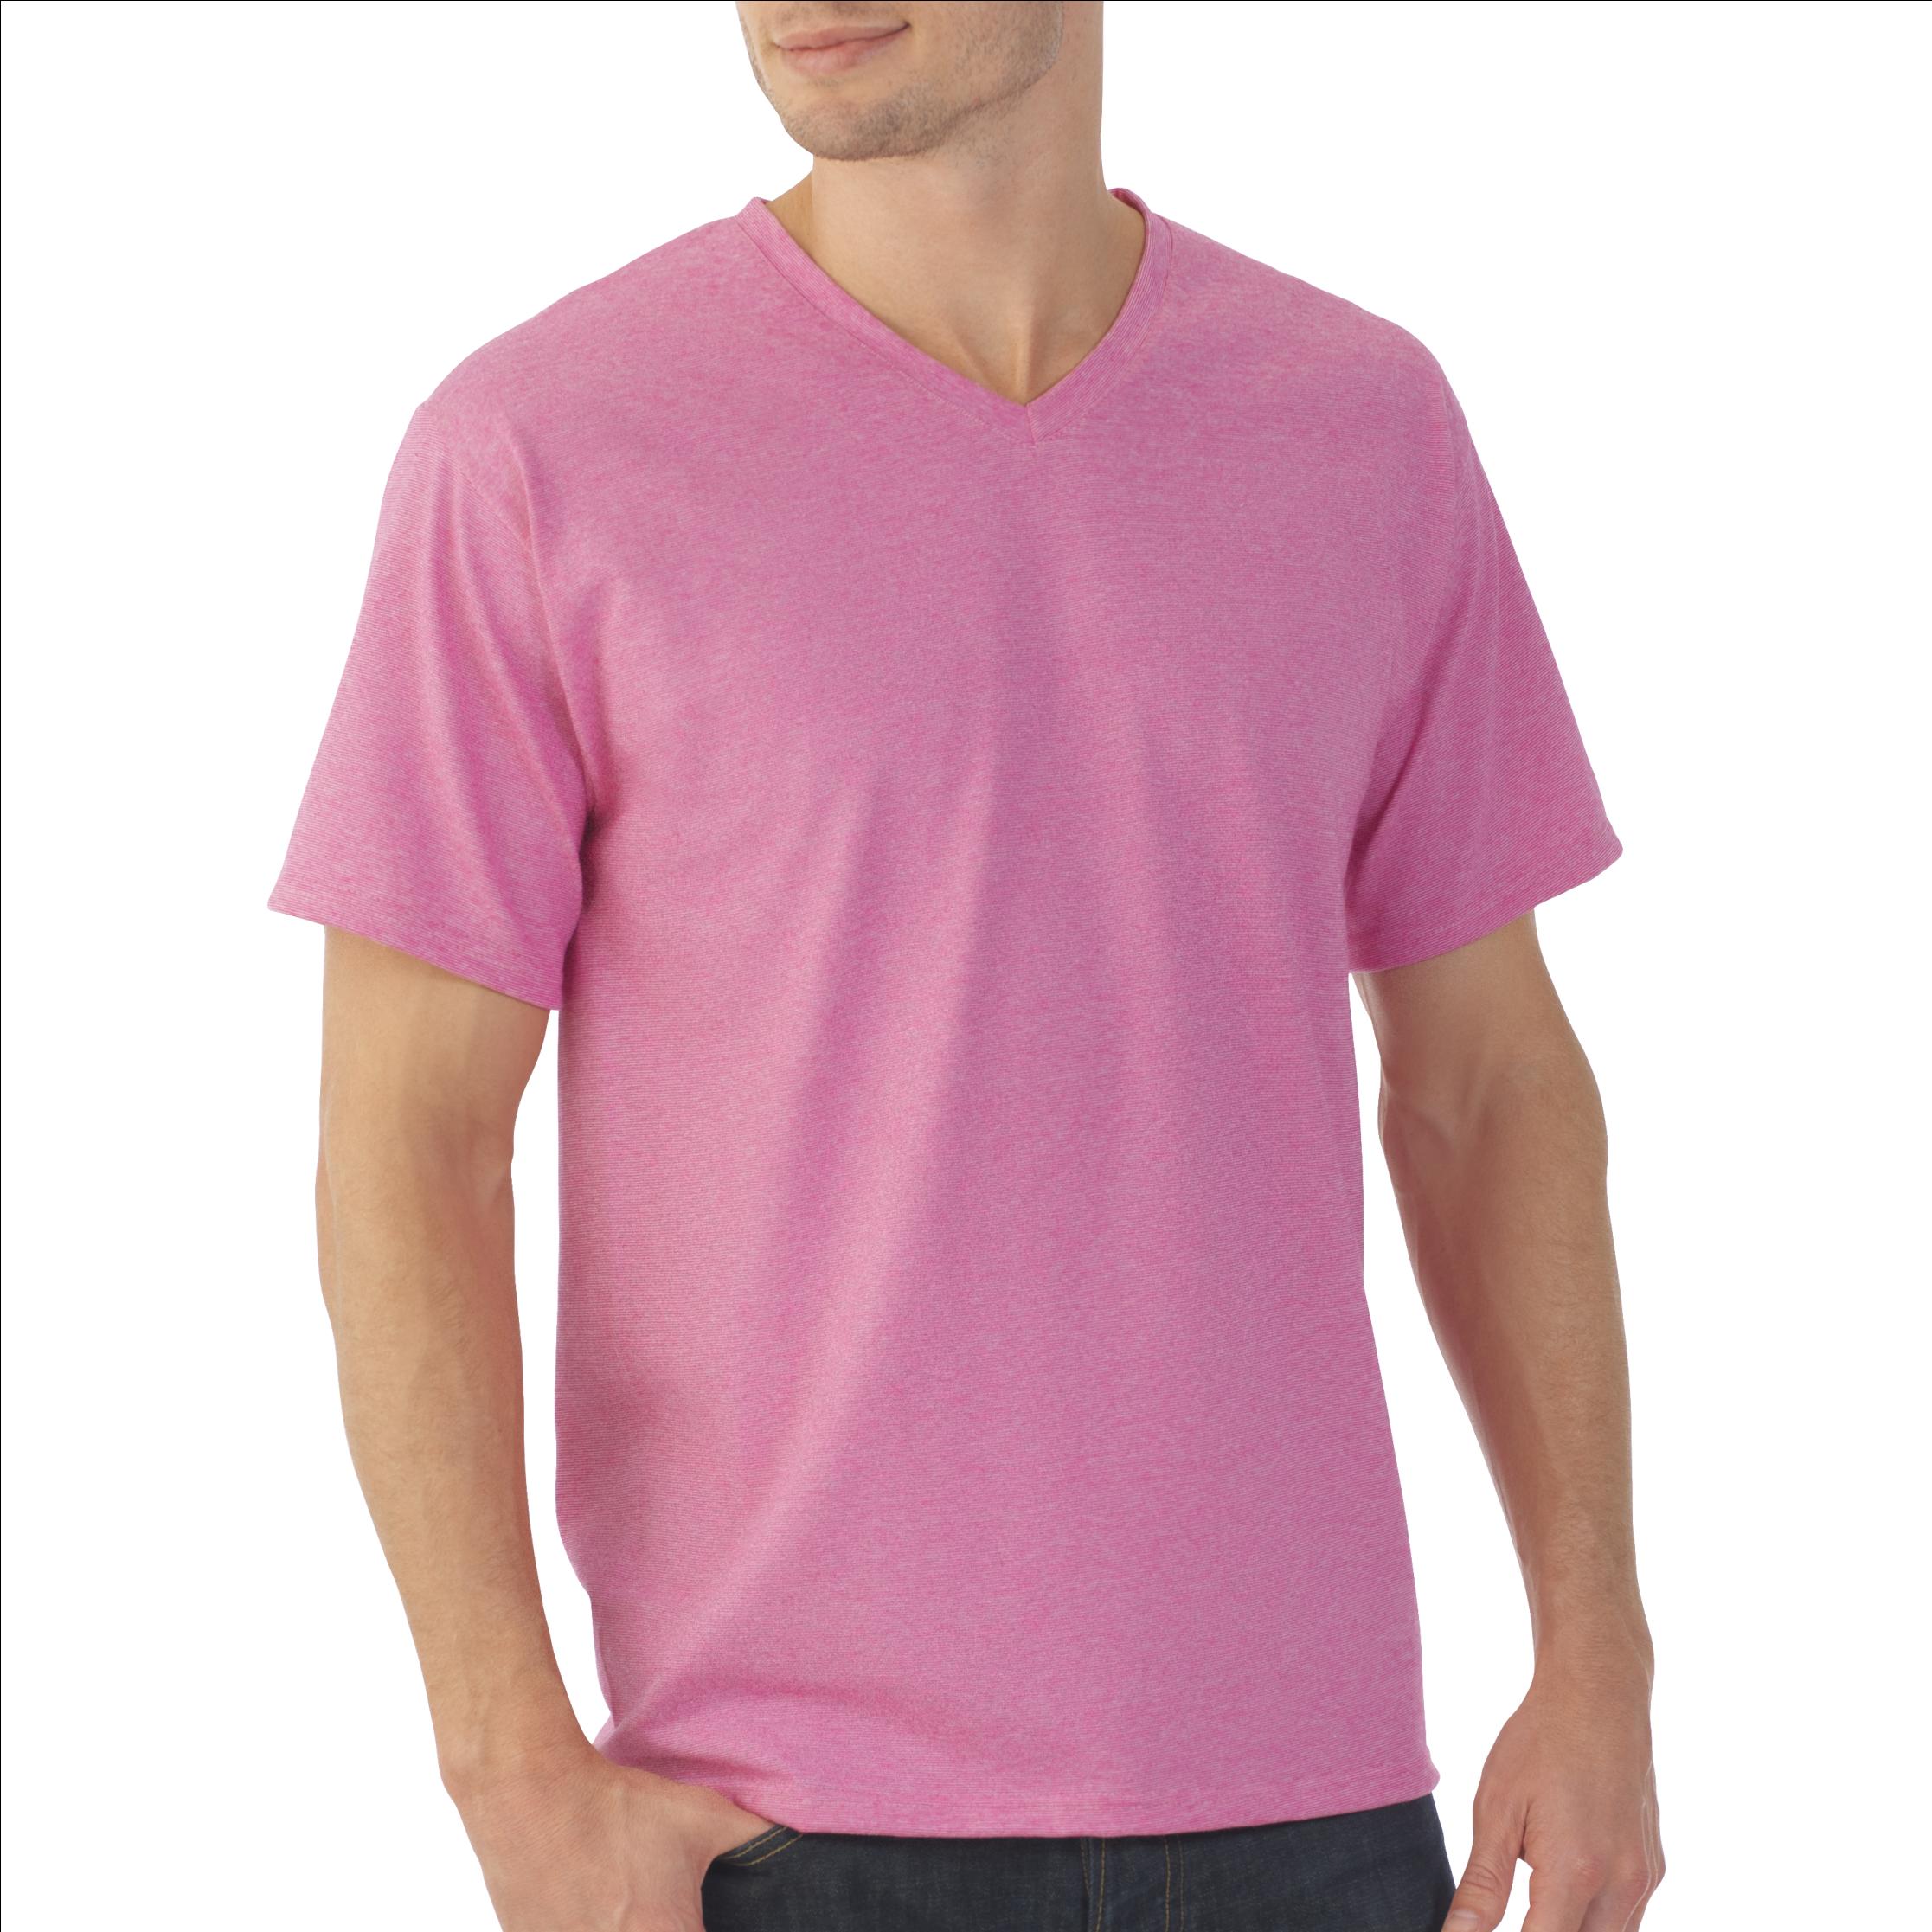 a3a4b6e1 Men's Eversoft Micro Stripe V Neck T Shirt - Fruit Of The Loom Men's  Platinum Eversoft